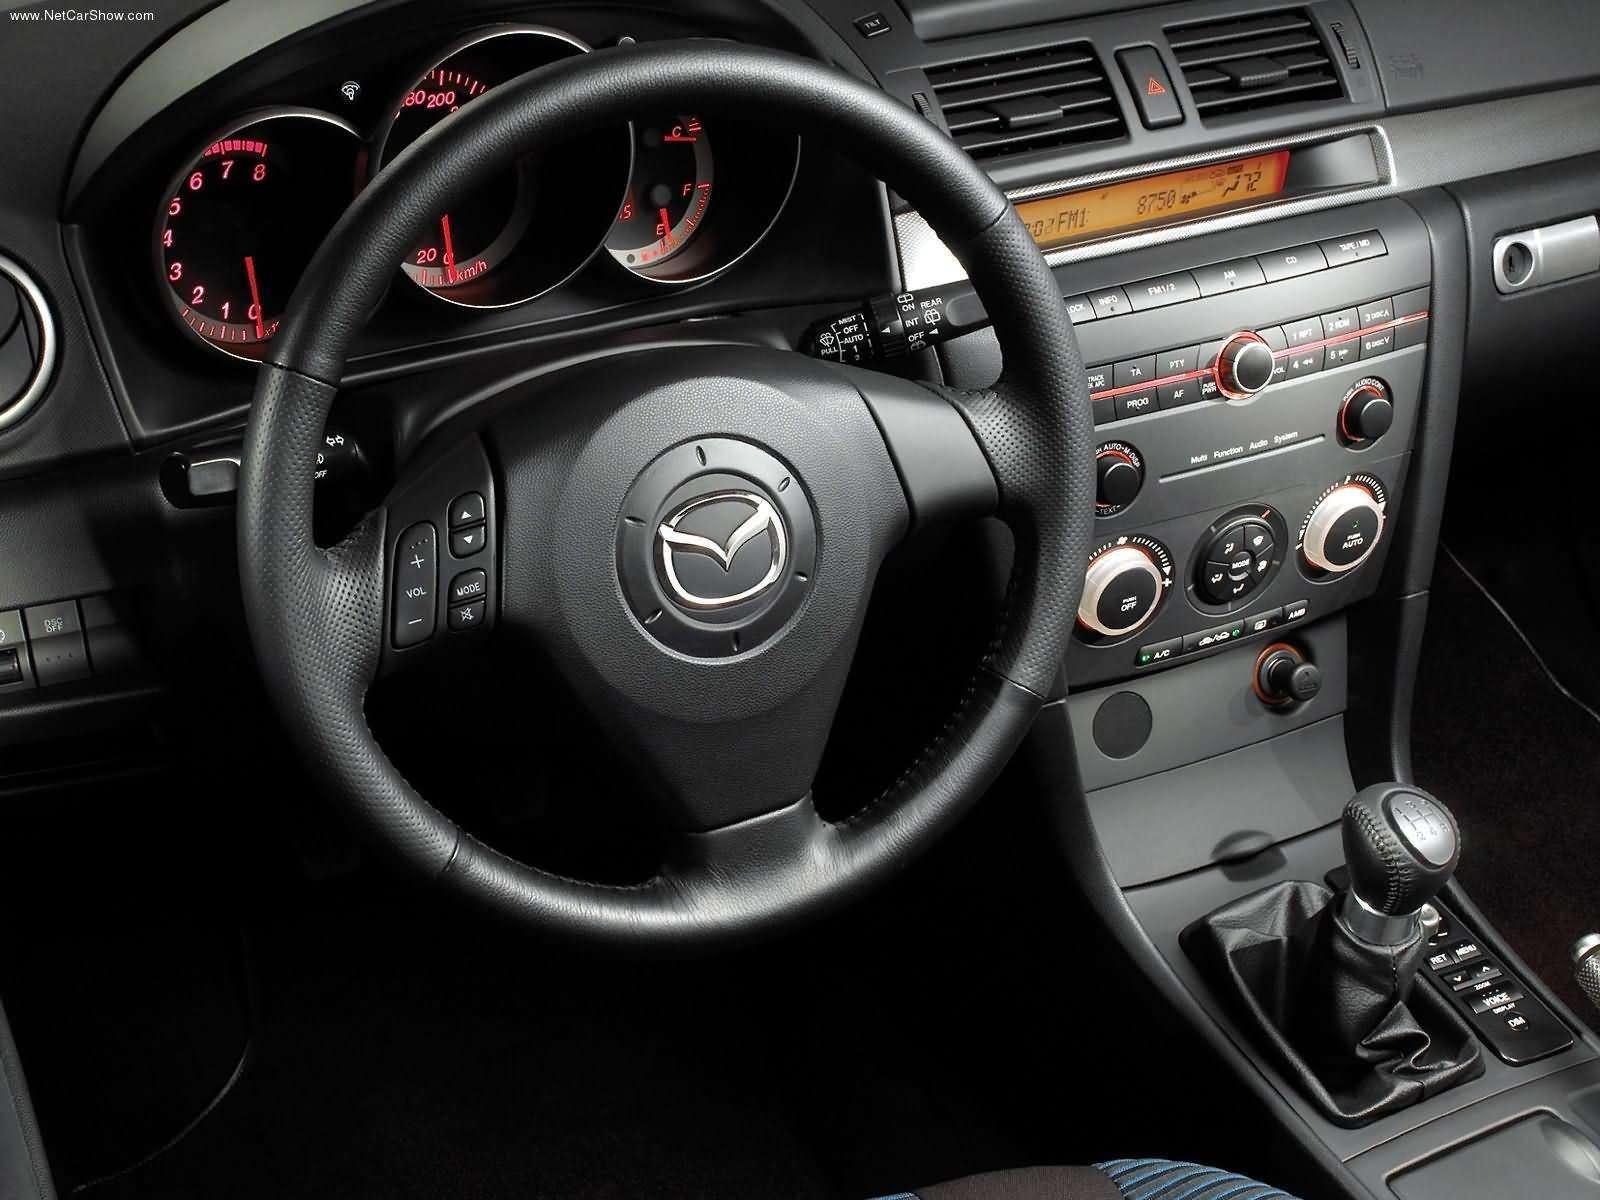 Mazda 3 5 Door Hatchback 2004 3